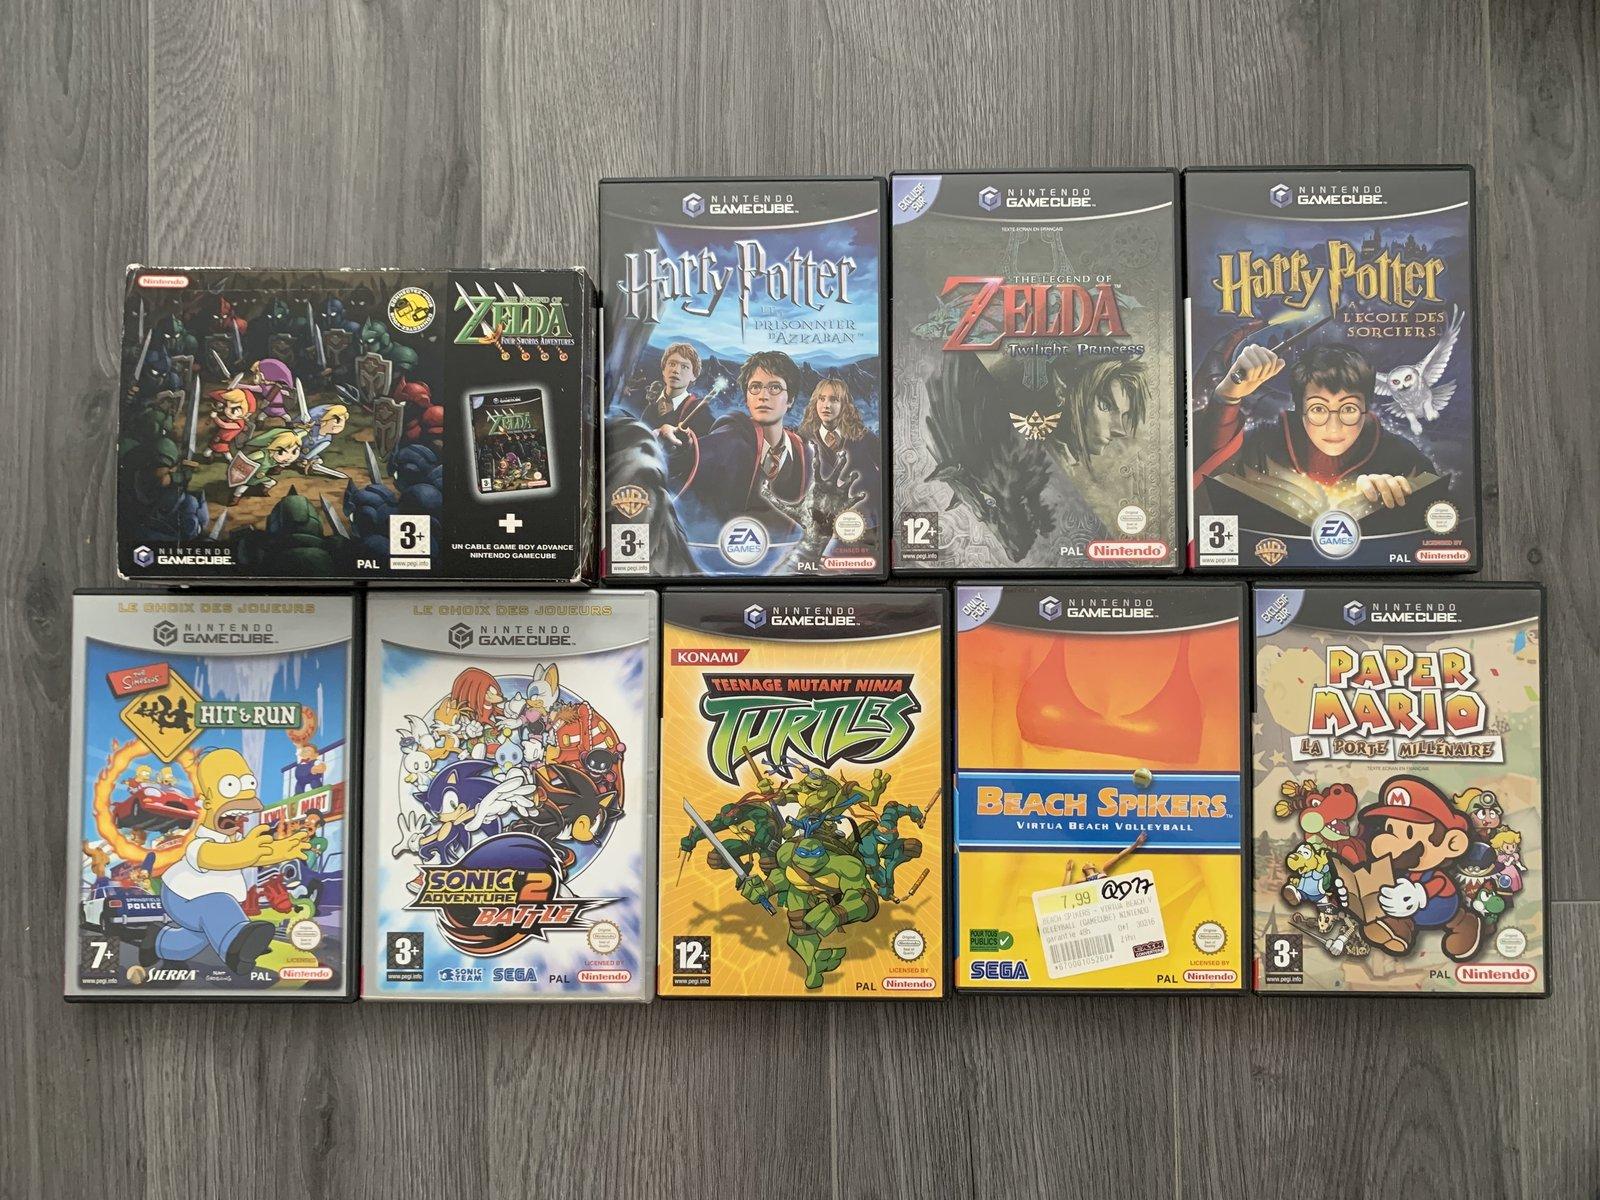 [VENDUE] Ma Collection complète de jeux GameCube en boite complète  200819053845765312